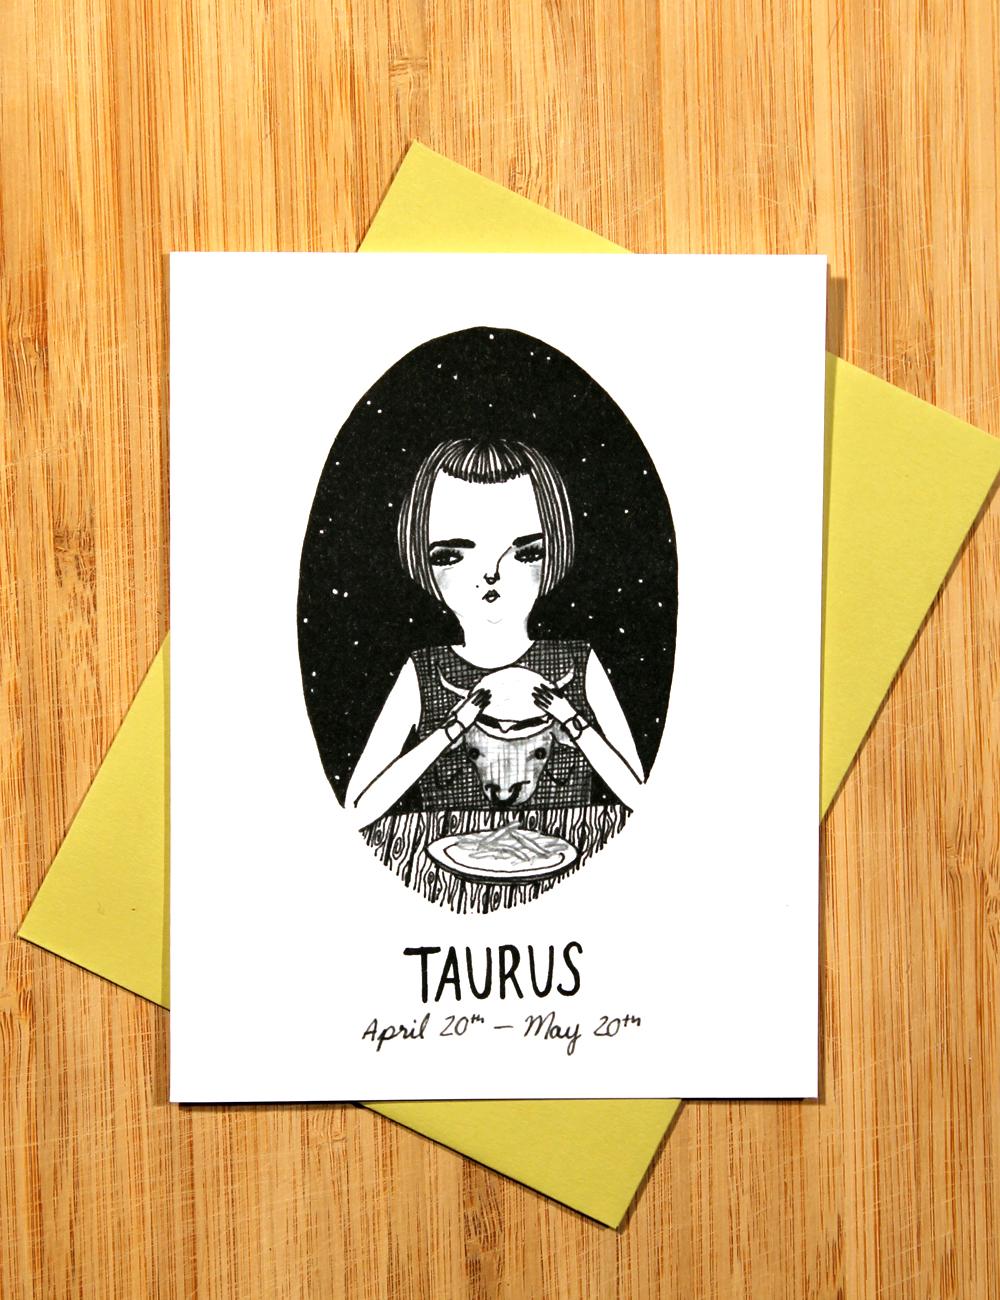 Tauruscard.jpg